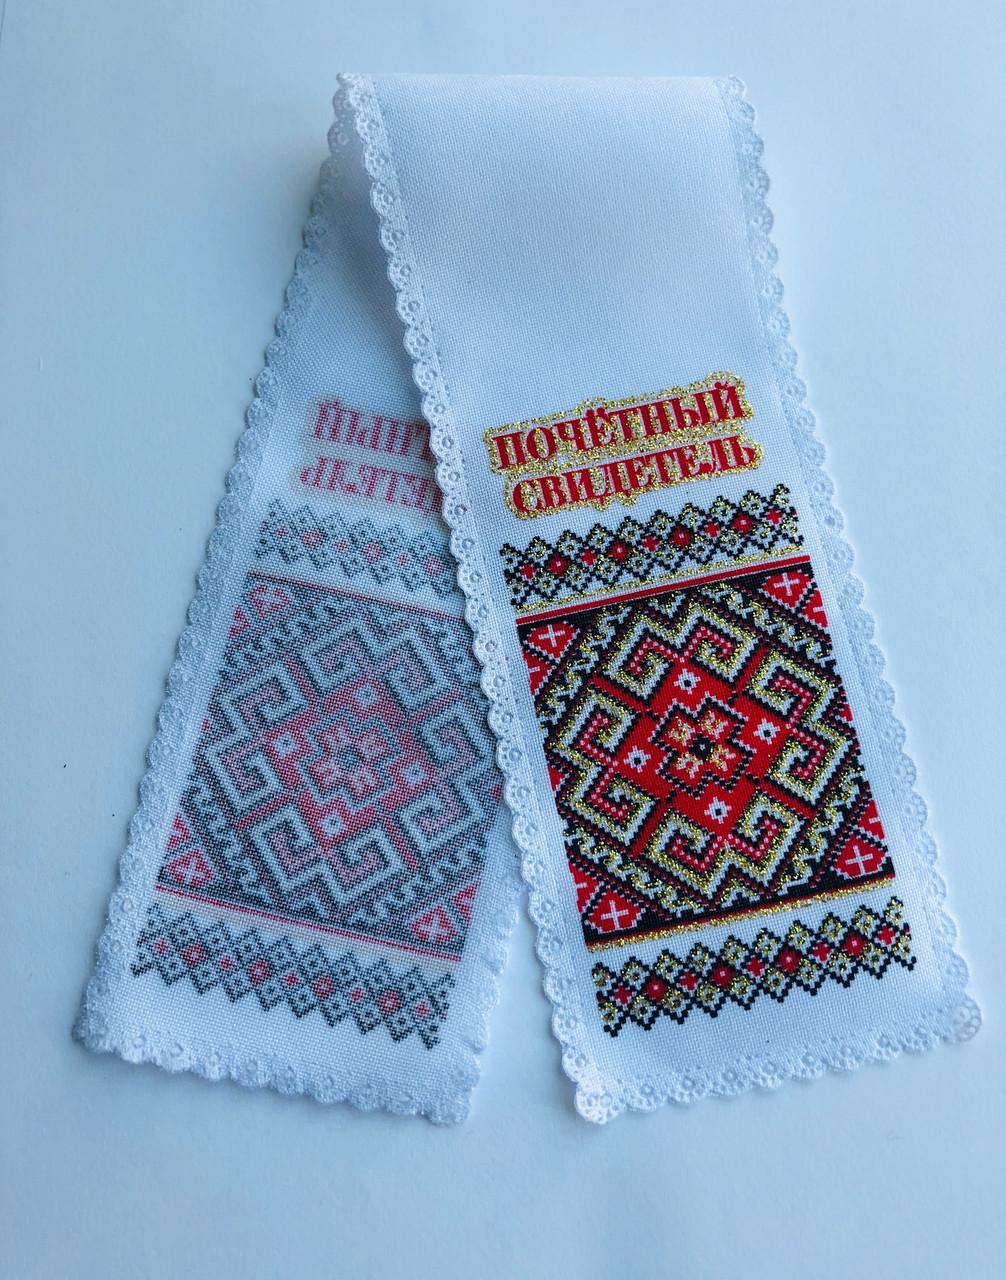 Рушник-мини Значек свадебный Bonita 33х6 см Почетный свидетель